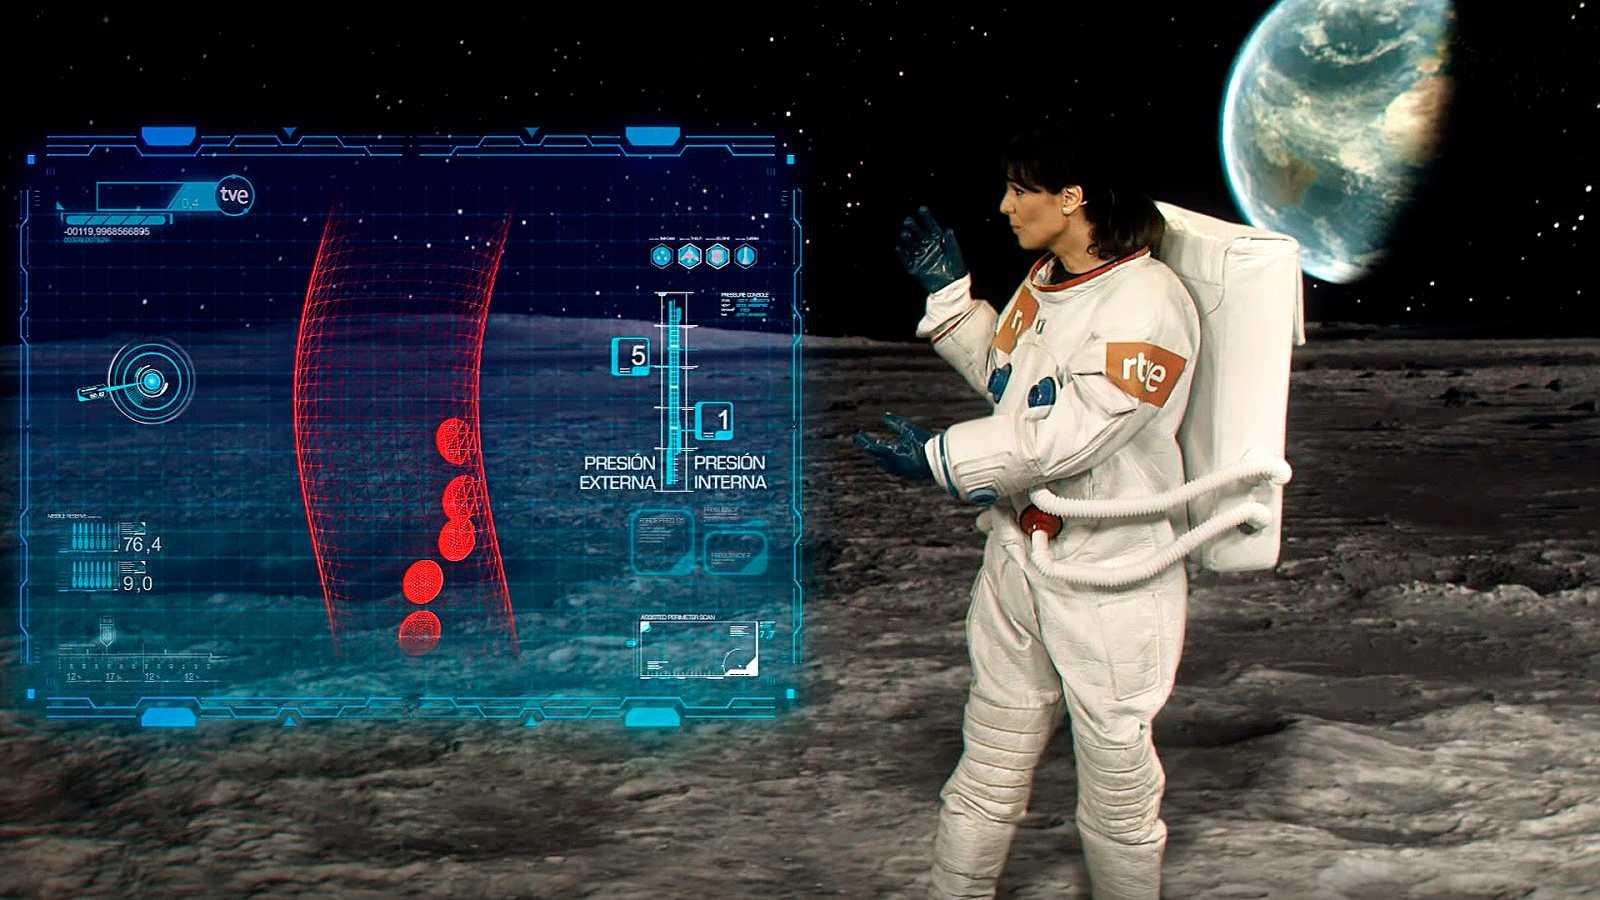 El Tiempo de TVE, en la Luna